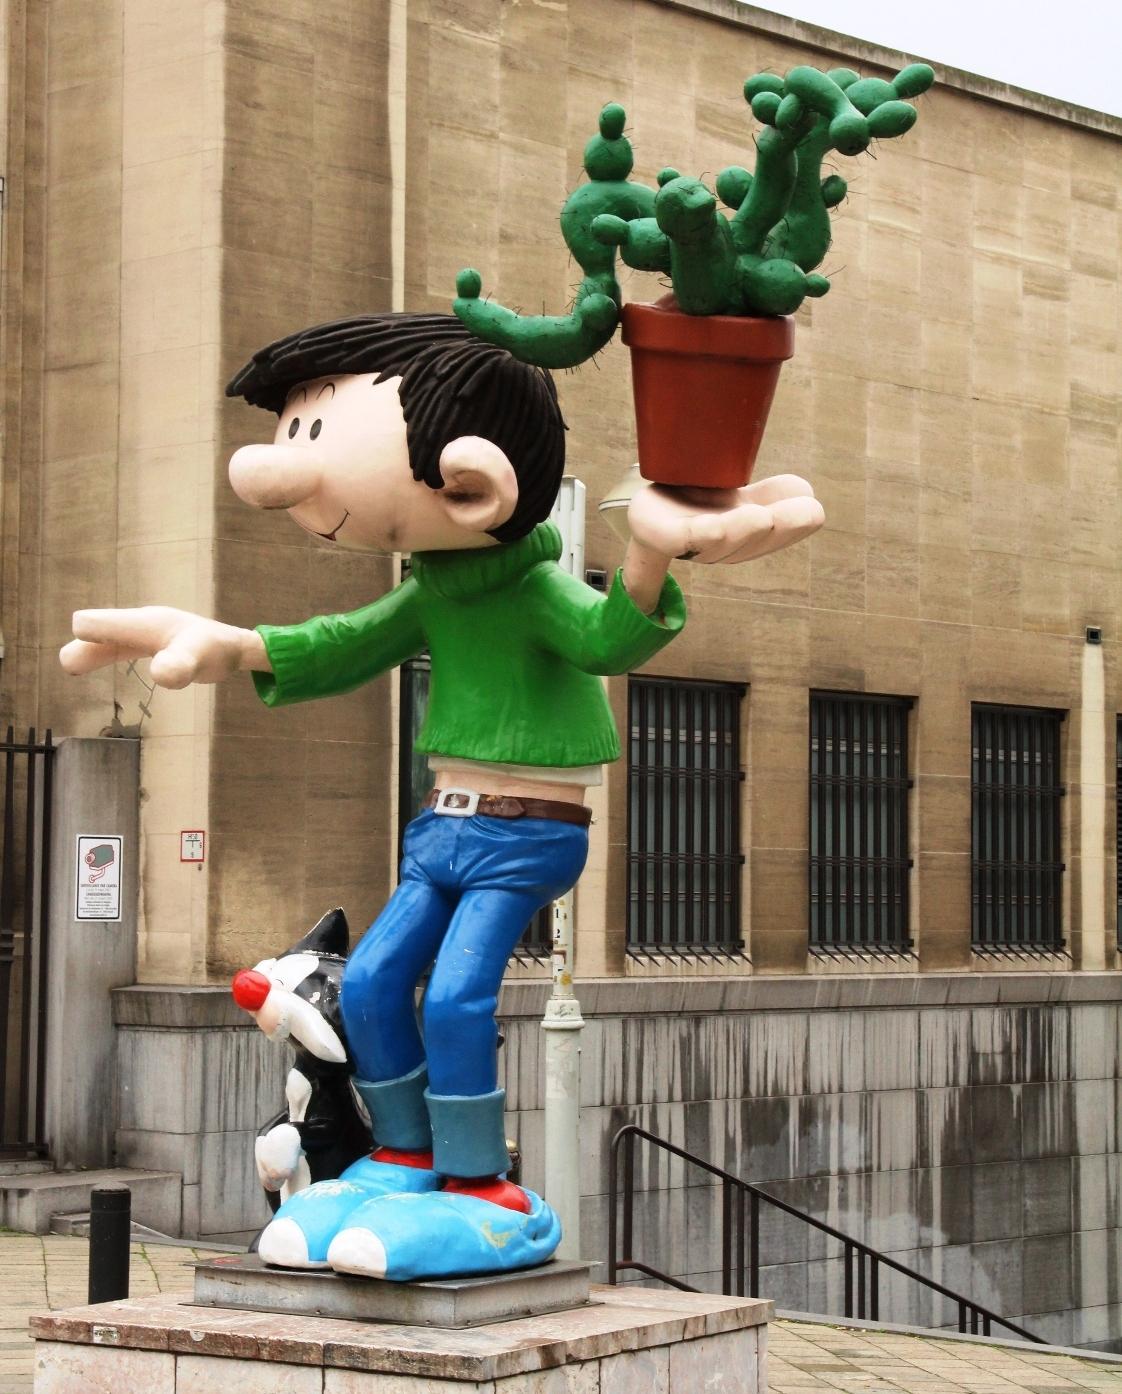 brussel - kom je zomaar tegen - foto door herimo op 22-10-2012 - deze foto bevat: groen, blauw, brussel, guust, flater